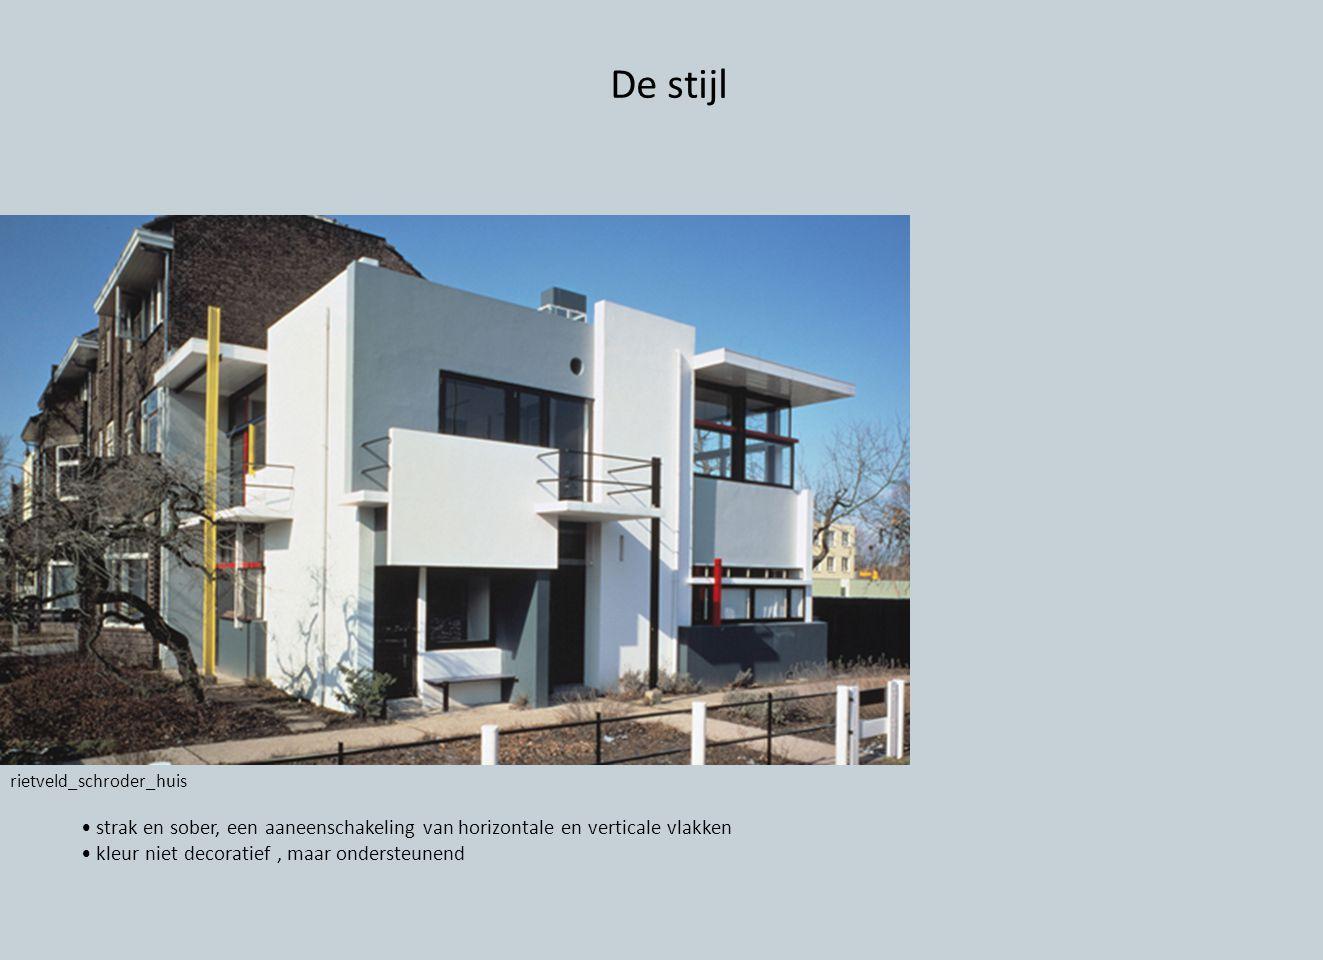 De stijl rietveld_schroder_huis strak en sober, een aaneenschakeling van horizontale en verticale vlakken kleur niet decoratief, maar ondersteunend